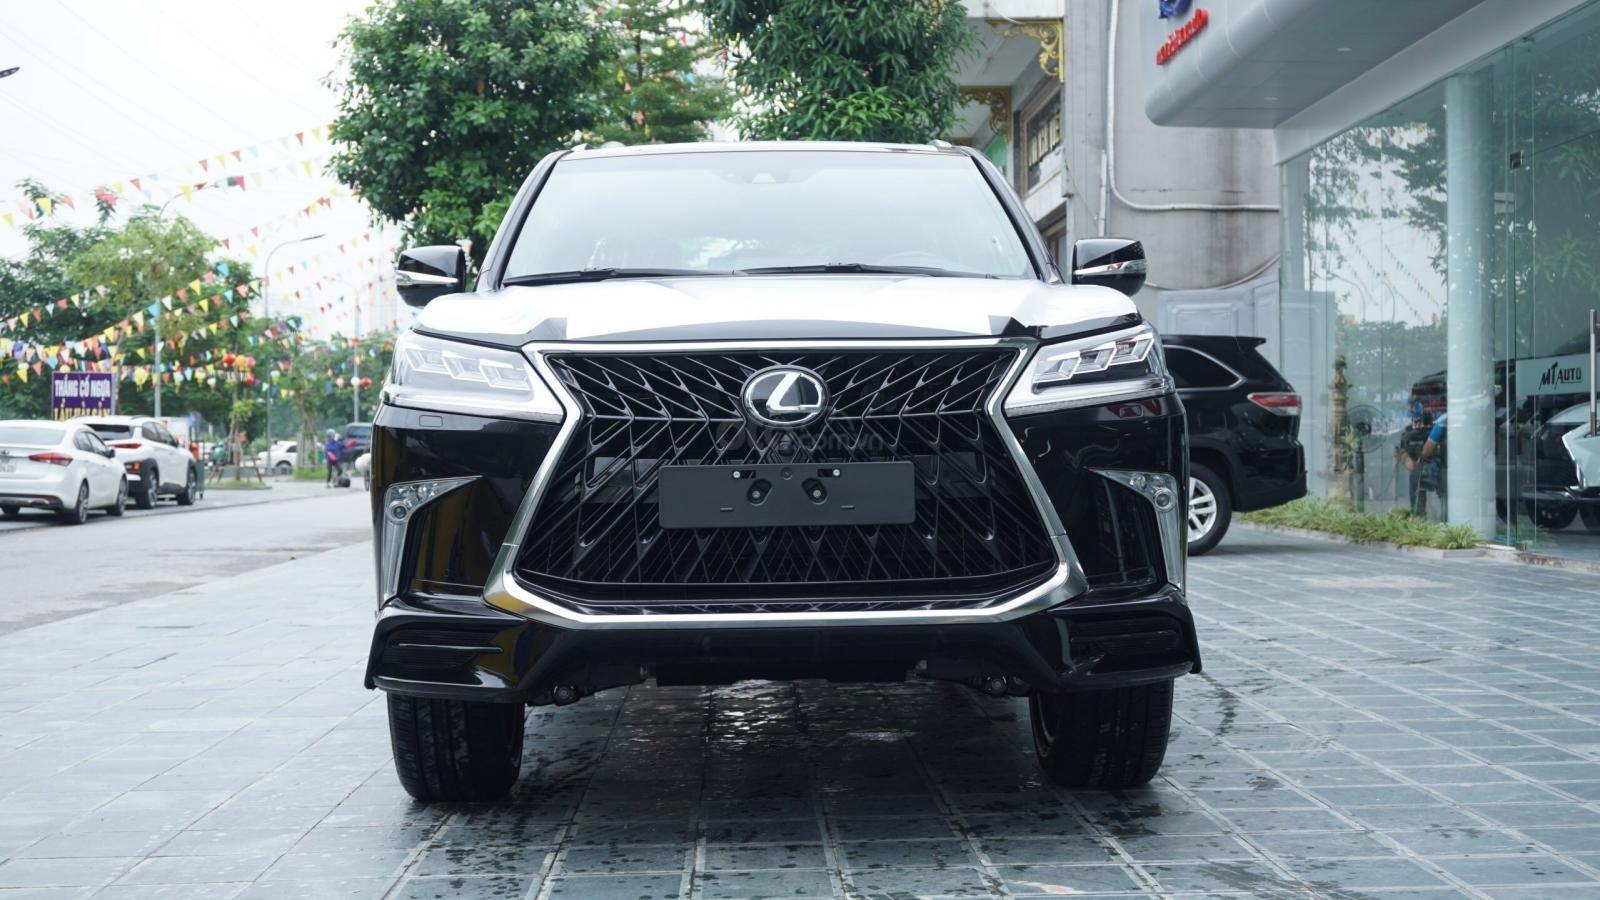 Cần bán xe Lexus LX570 Super Sport 2019 nhập Trung Đông, ngân hàng hỗ trợ 80%, LH Em Lộc: 093.798.2266 (2)